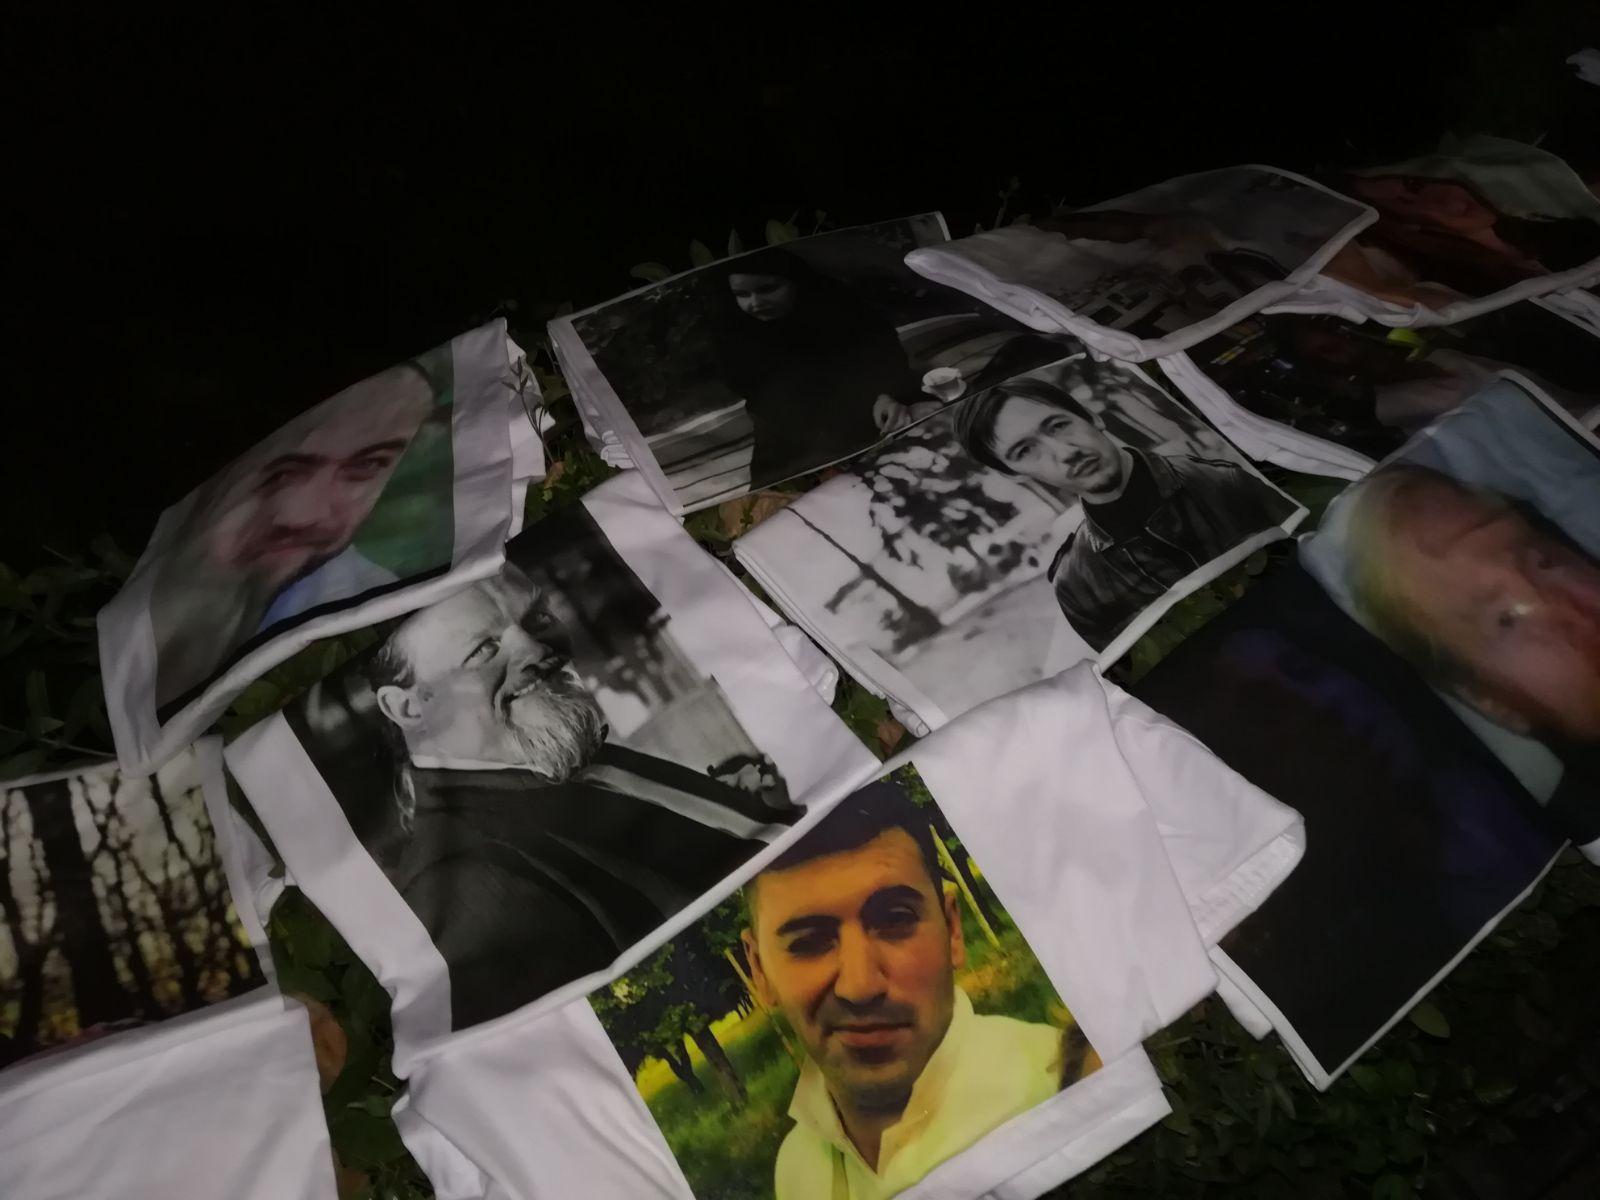 Sute de persoane participă la `Marşul Chitarelor`, pentru a comemora victimele `Colectiv`/ Participanţii au plecat în marş către fostul Club `Colectiv`. Supravieţuitori: N-am învăţat nimic - VIDEO